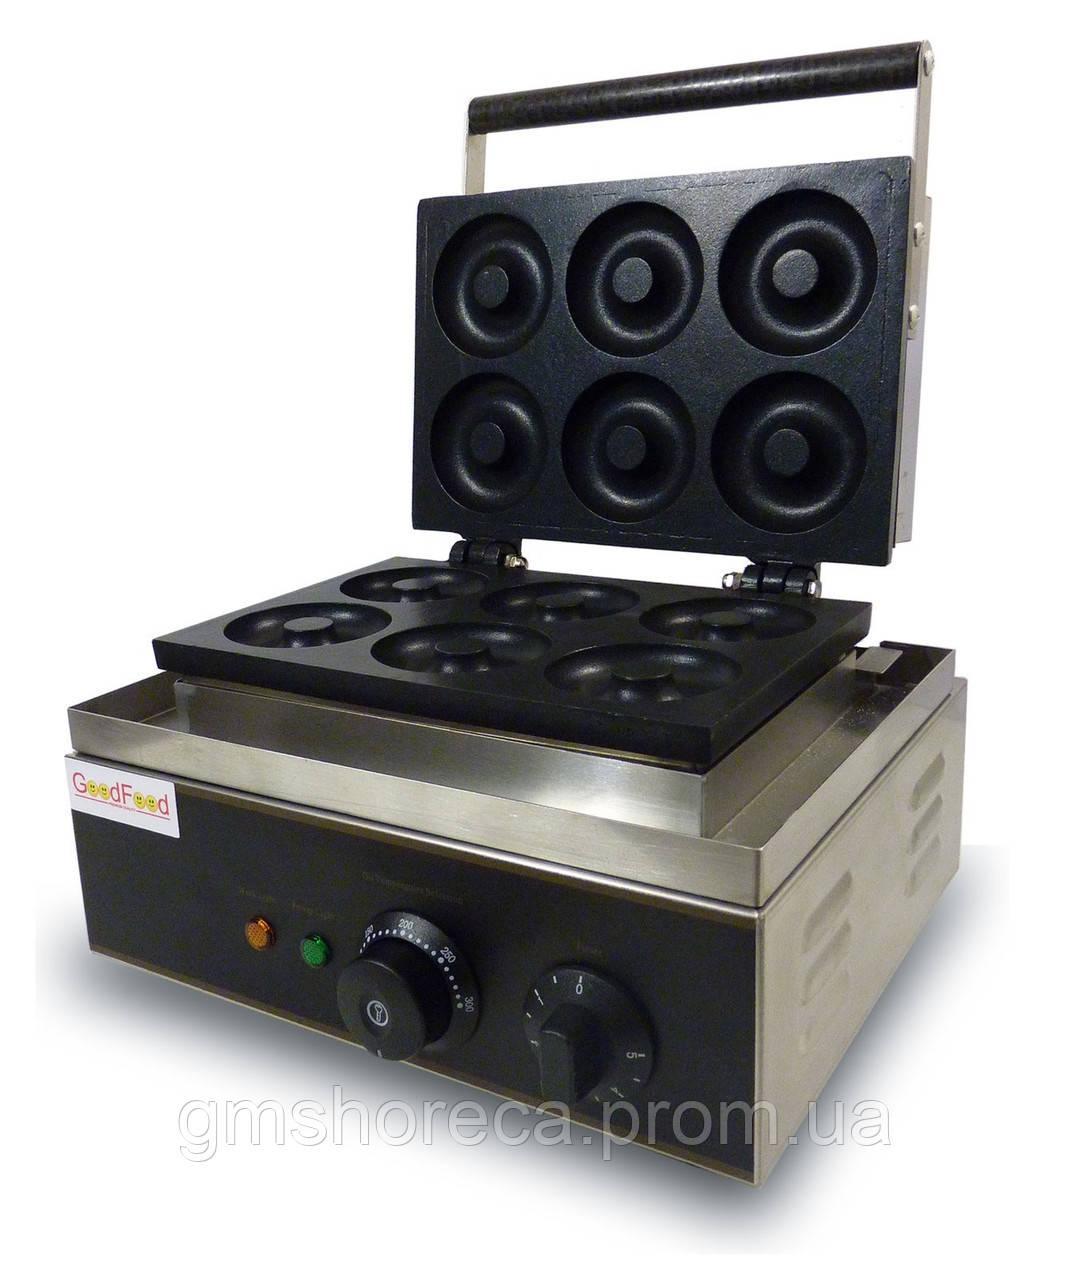 Аппарат пончиковый для донатсов GoodFood  DM6